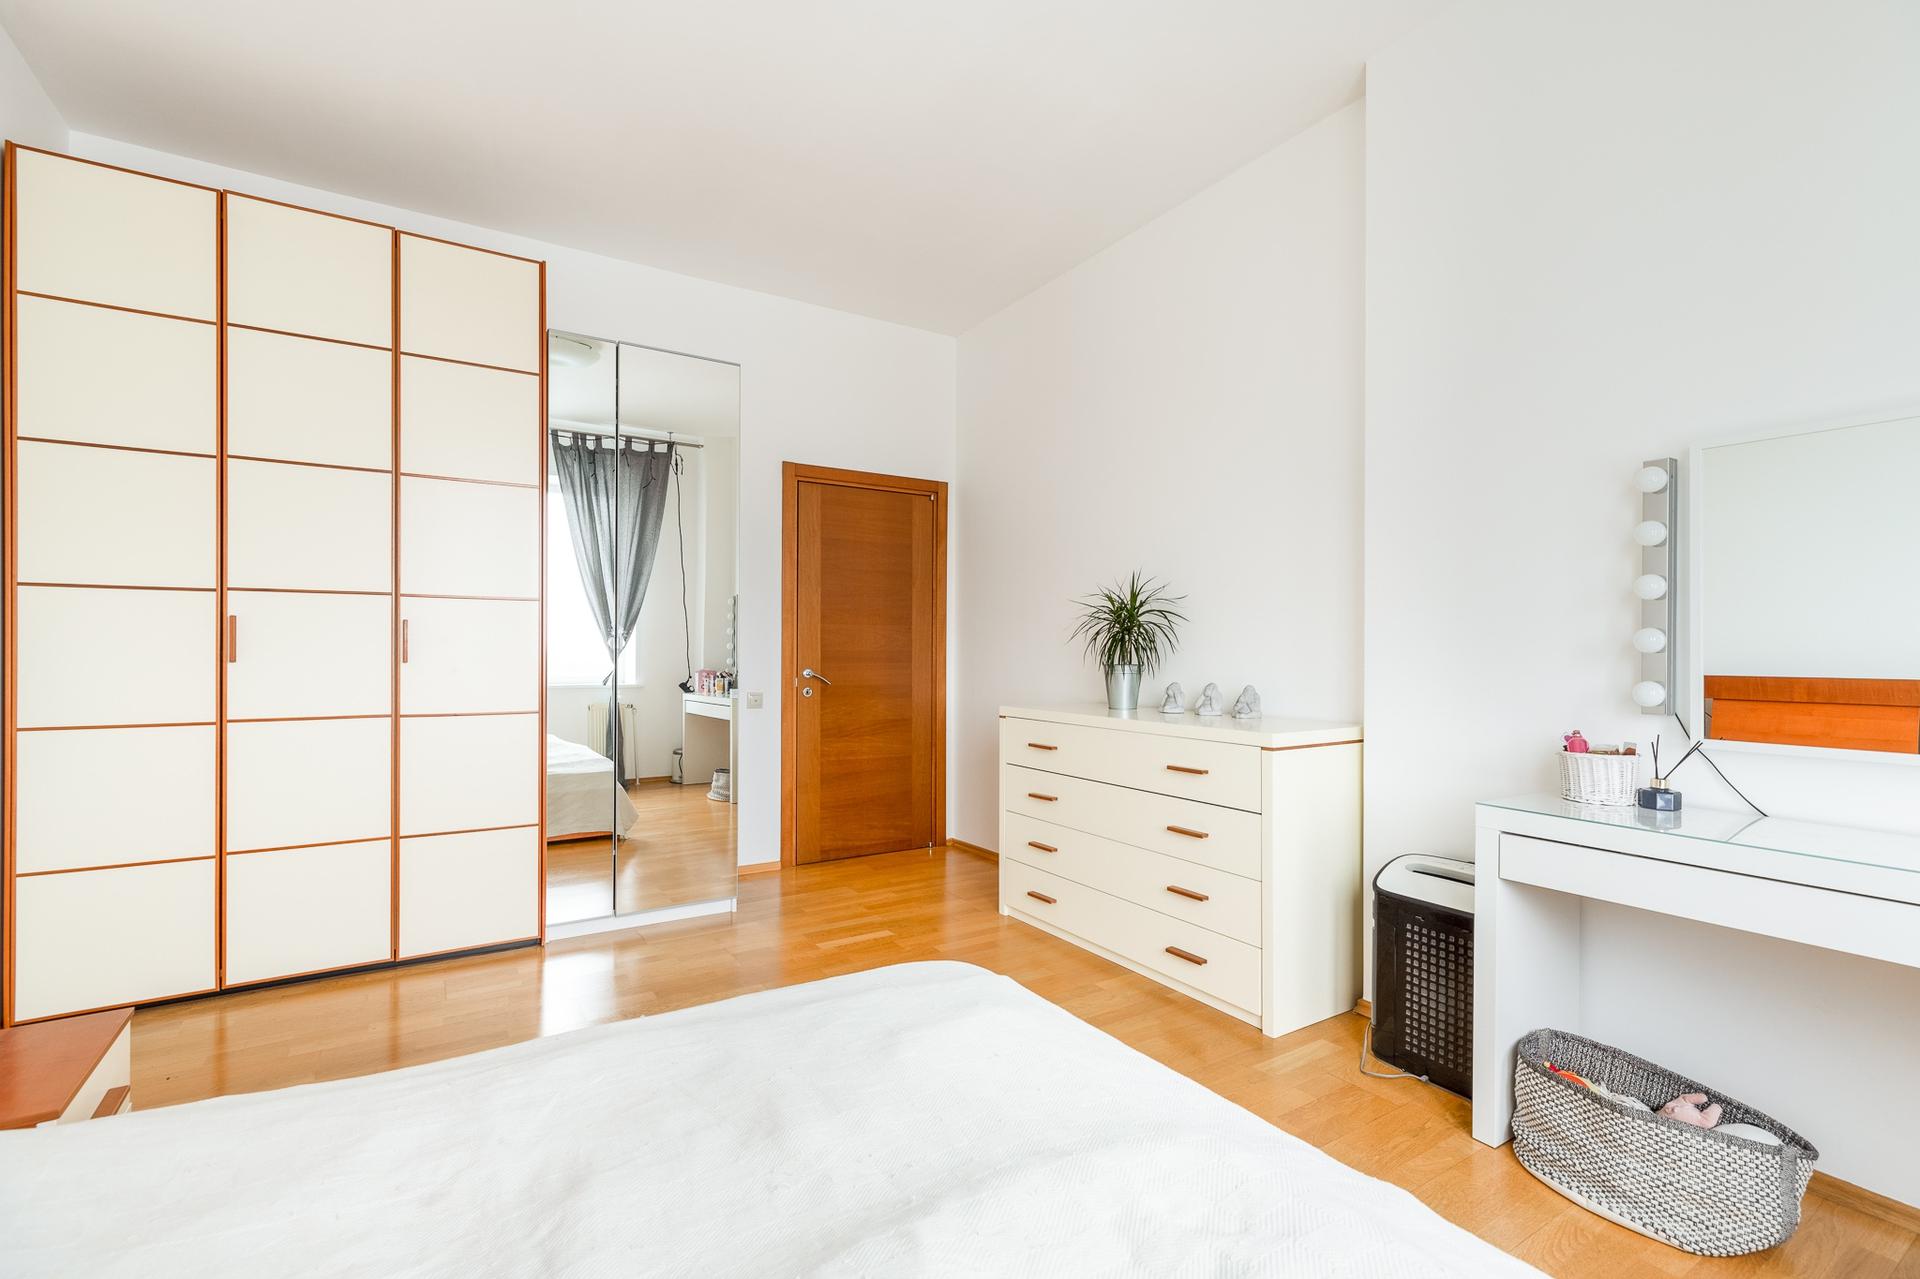 тихая квартира для жизни 7